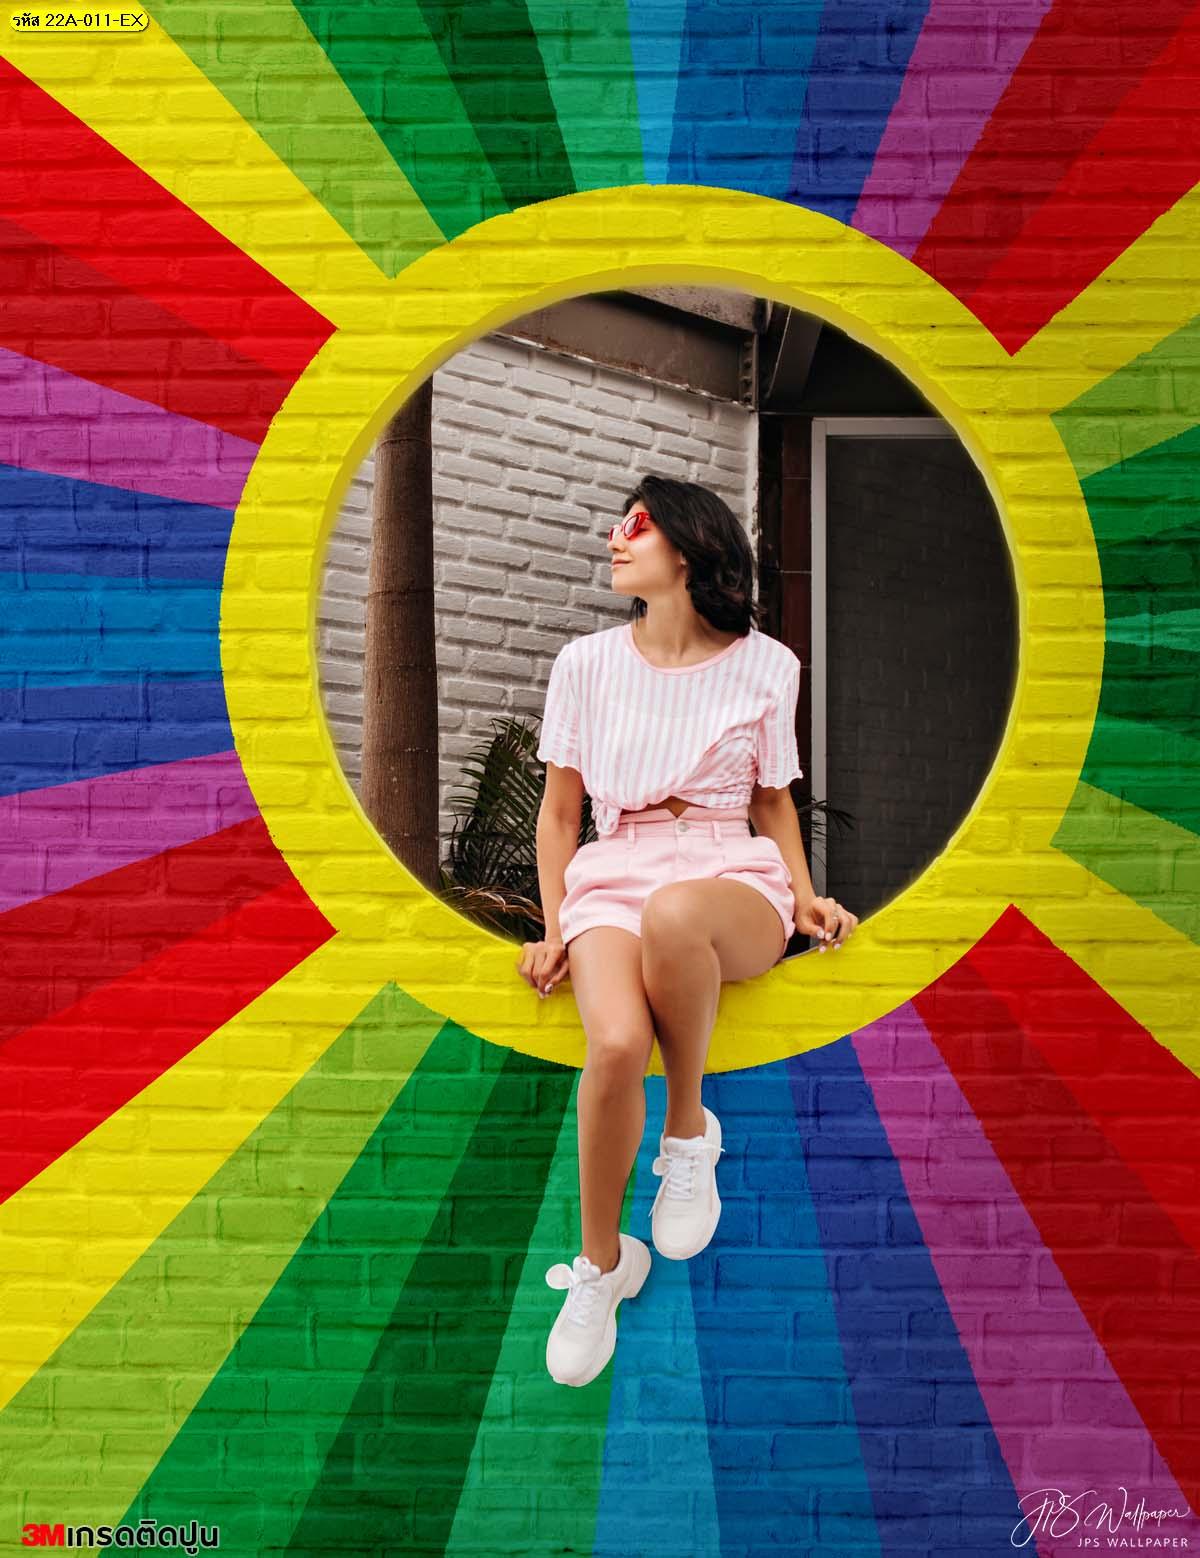 พิมพ์รูปลงสติ๊กเกอร์ขนาดใหญ่ สติ๊กเกอร์ติดผนังลายสายรุ้ง ตกแต่งมุมถ่ายรูปสีสันสดใส